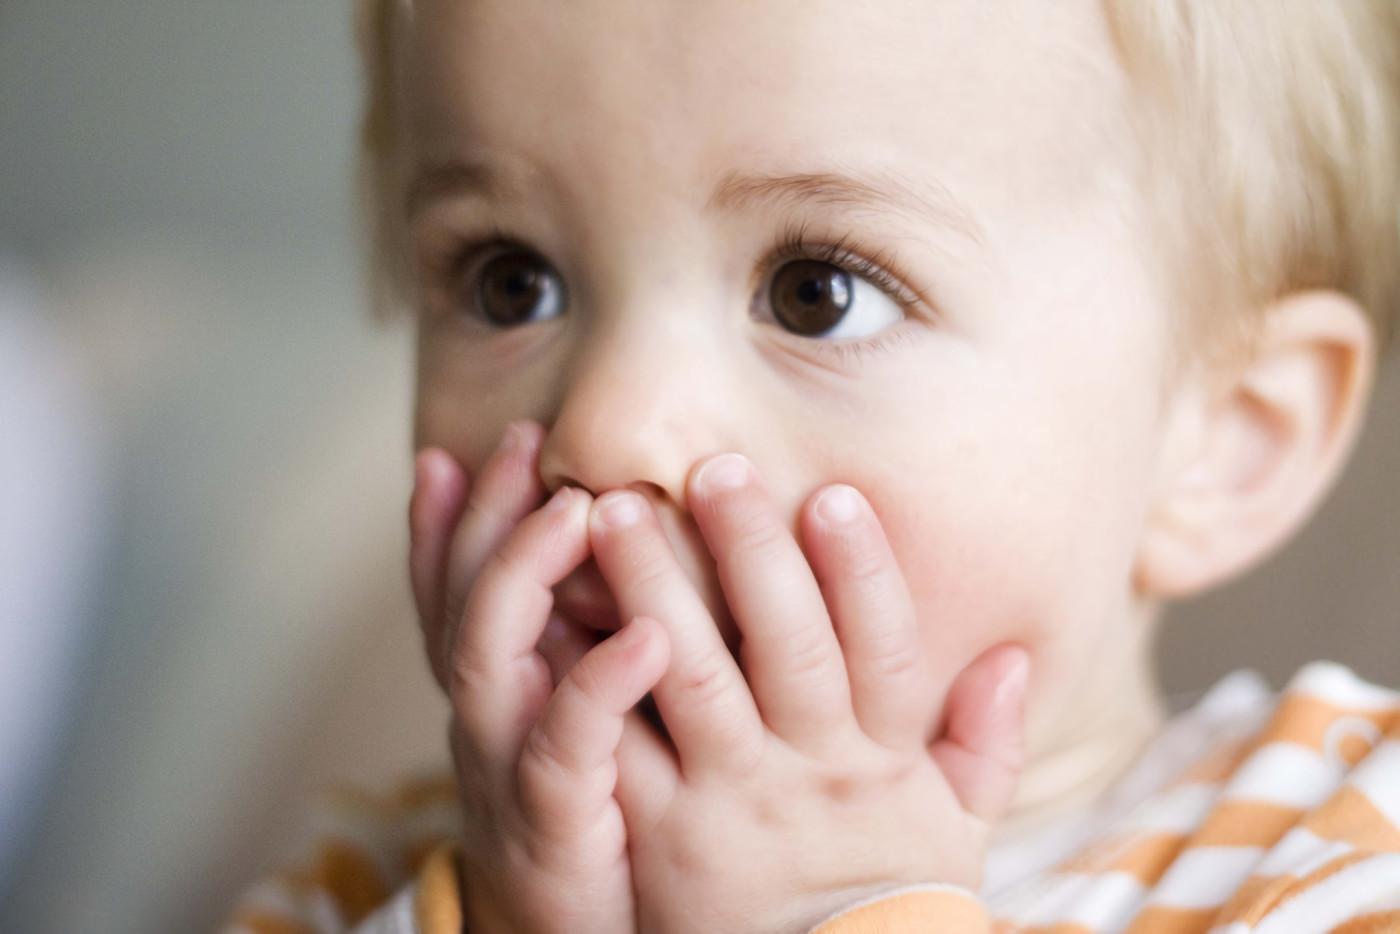 Чим лікувати лишай у дитини?